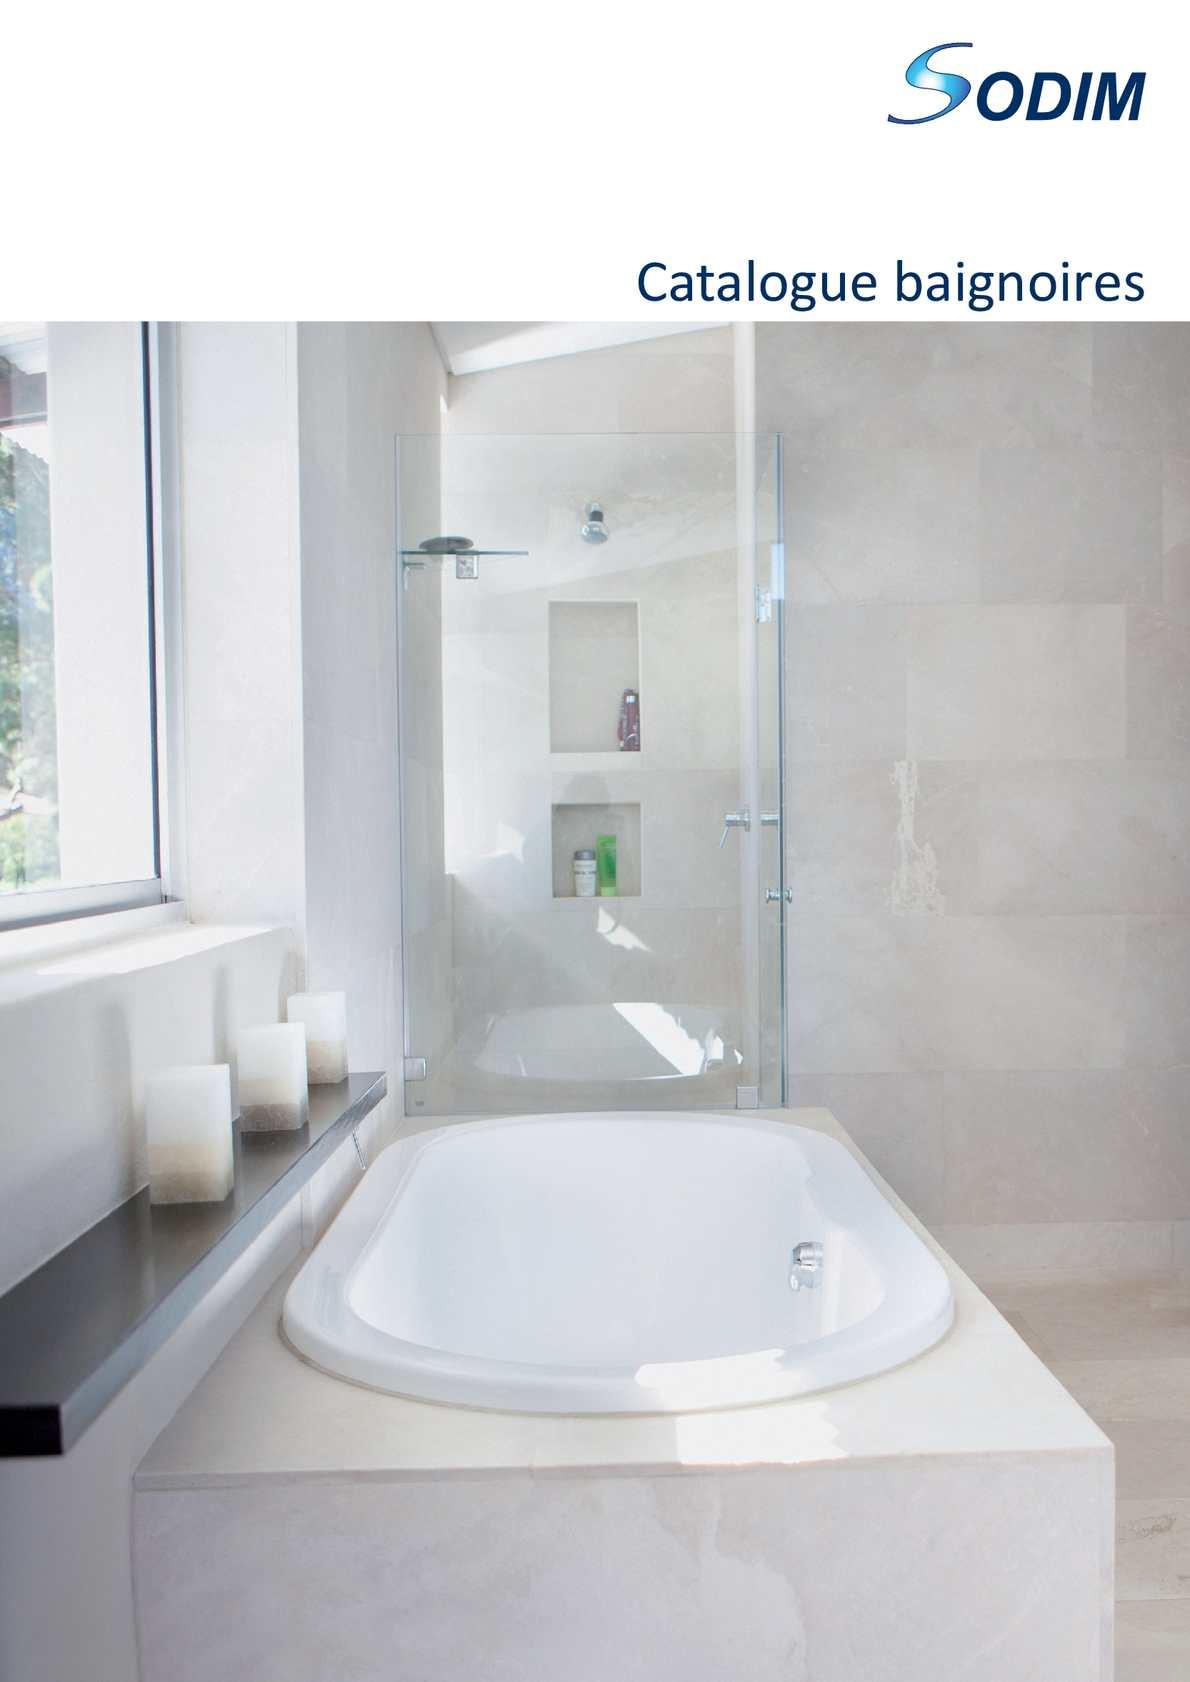 Calameo Sodim Catalogue Baignoires